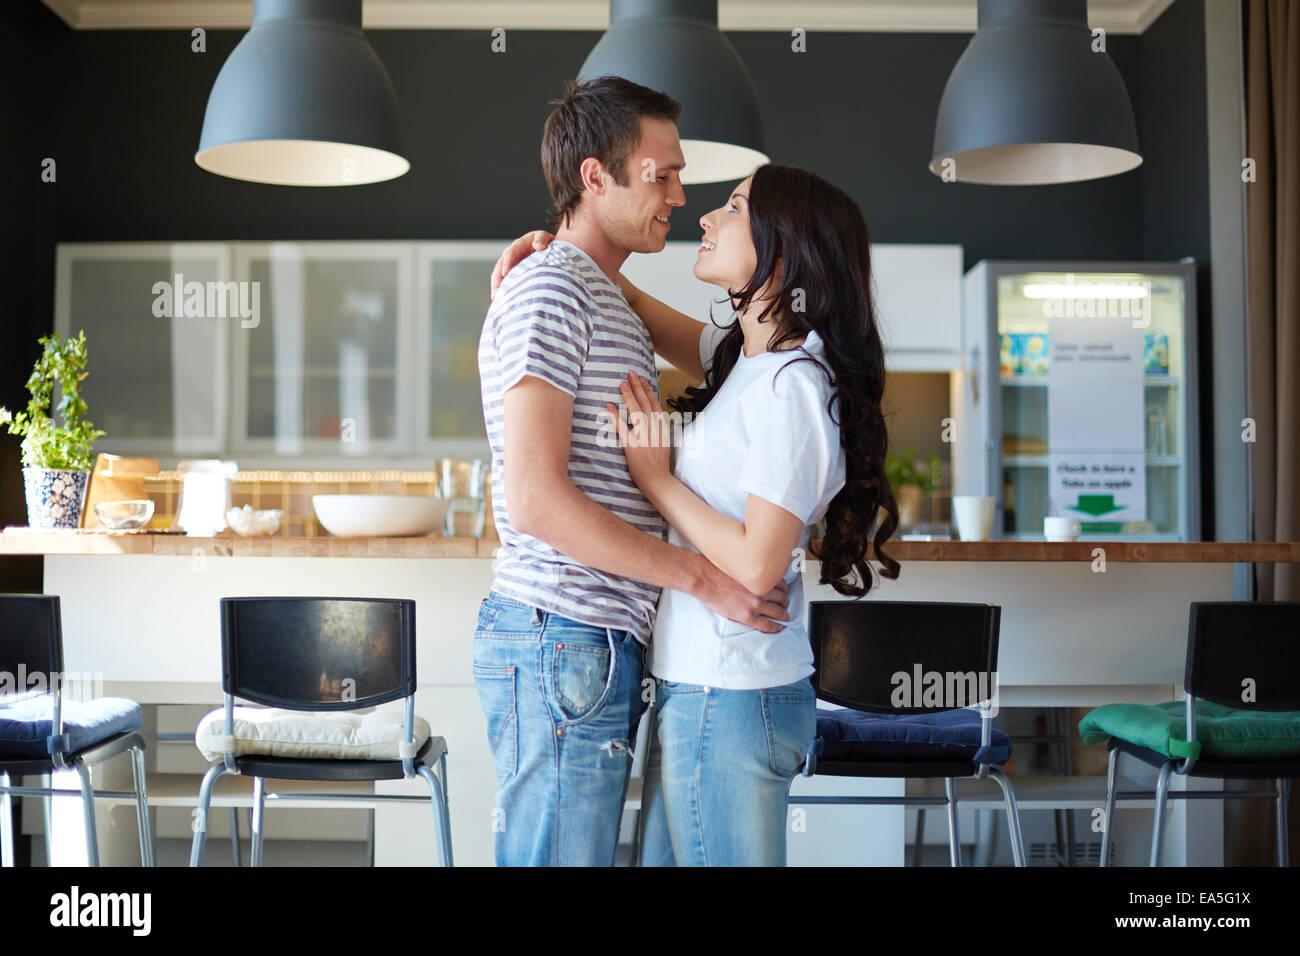 Verliebter Mann und Frau einander mit einem Lächeln betrachten Stockbild